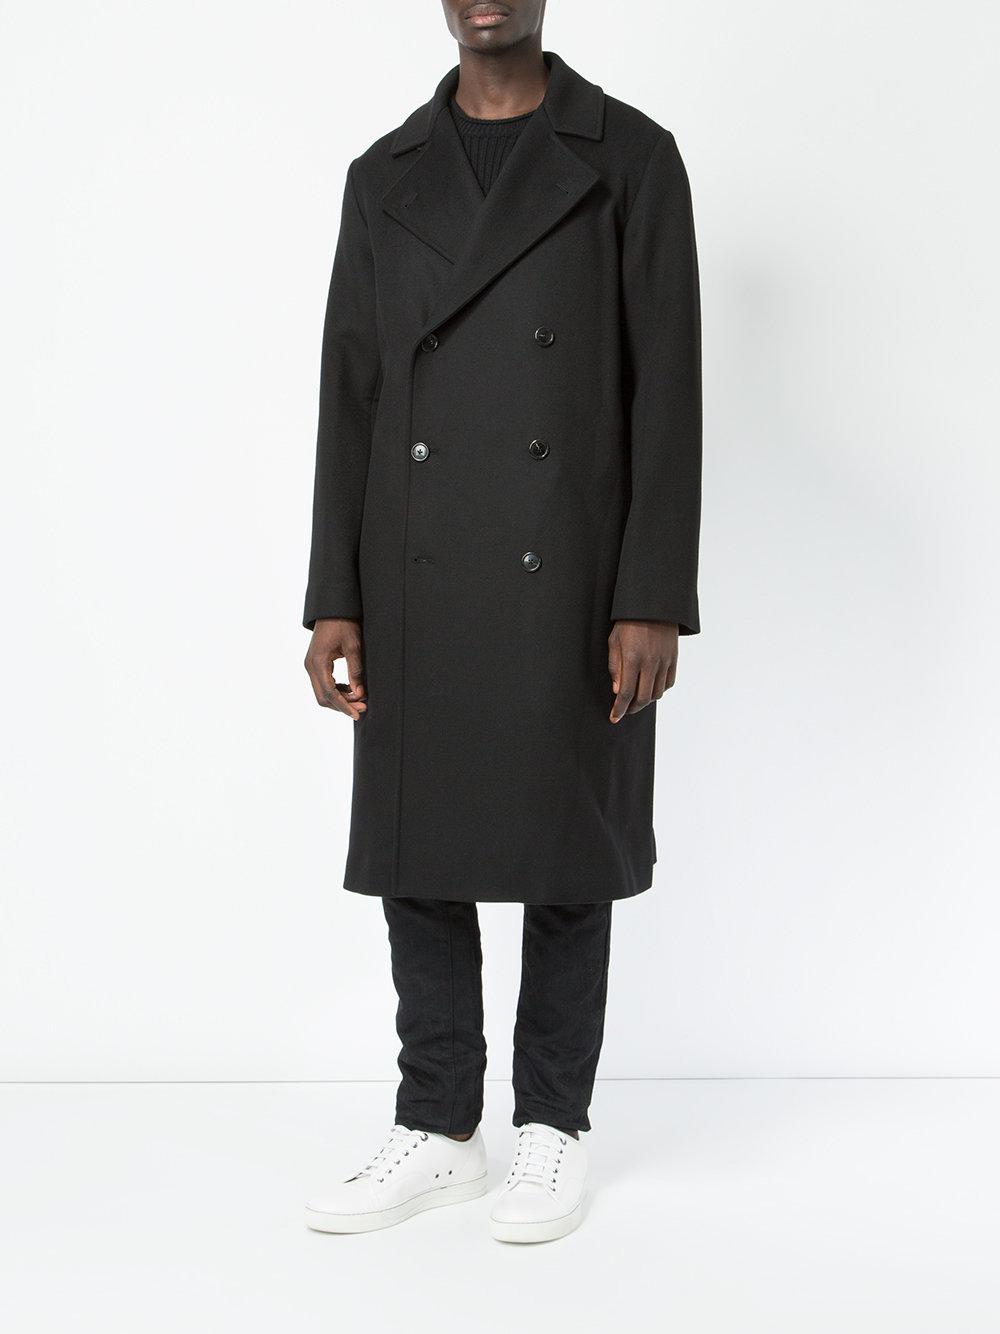 Lyst - Ports 1961 Cappotto Doppiopetto in Black for Men 85b80243919c